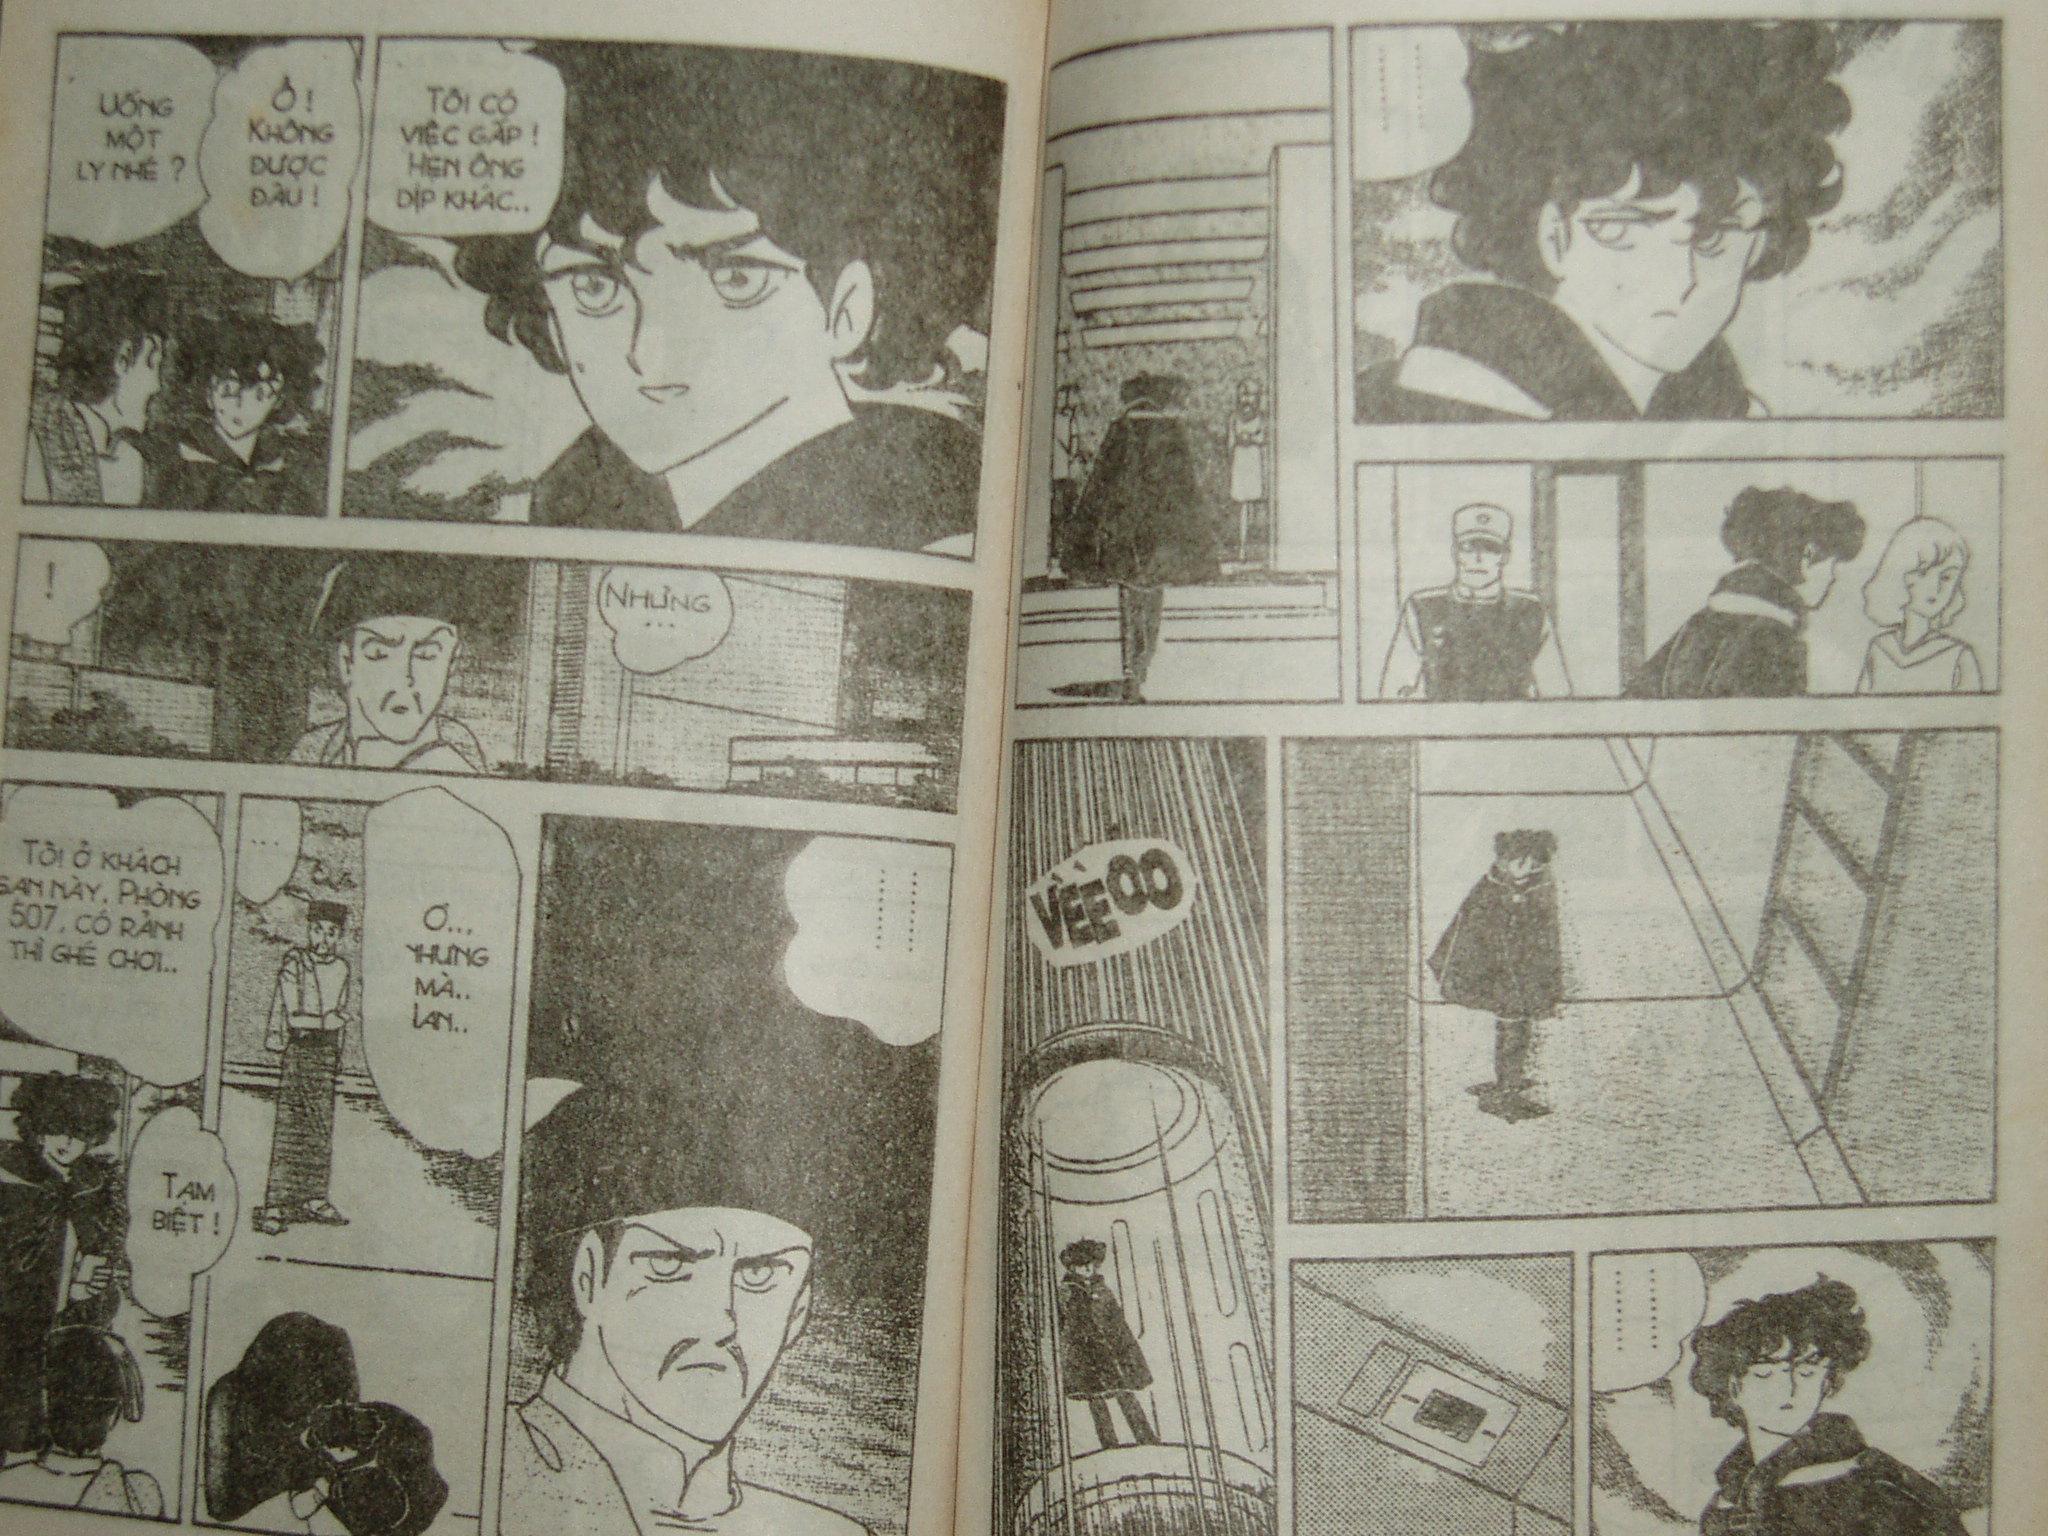 Siêu nhân Locke vol 14 trang 57